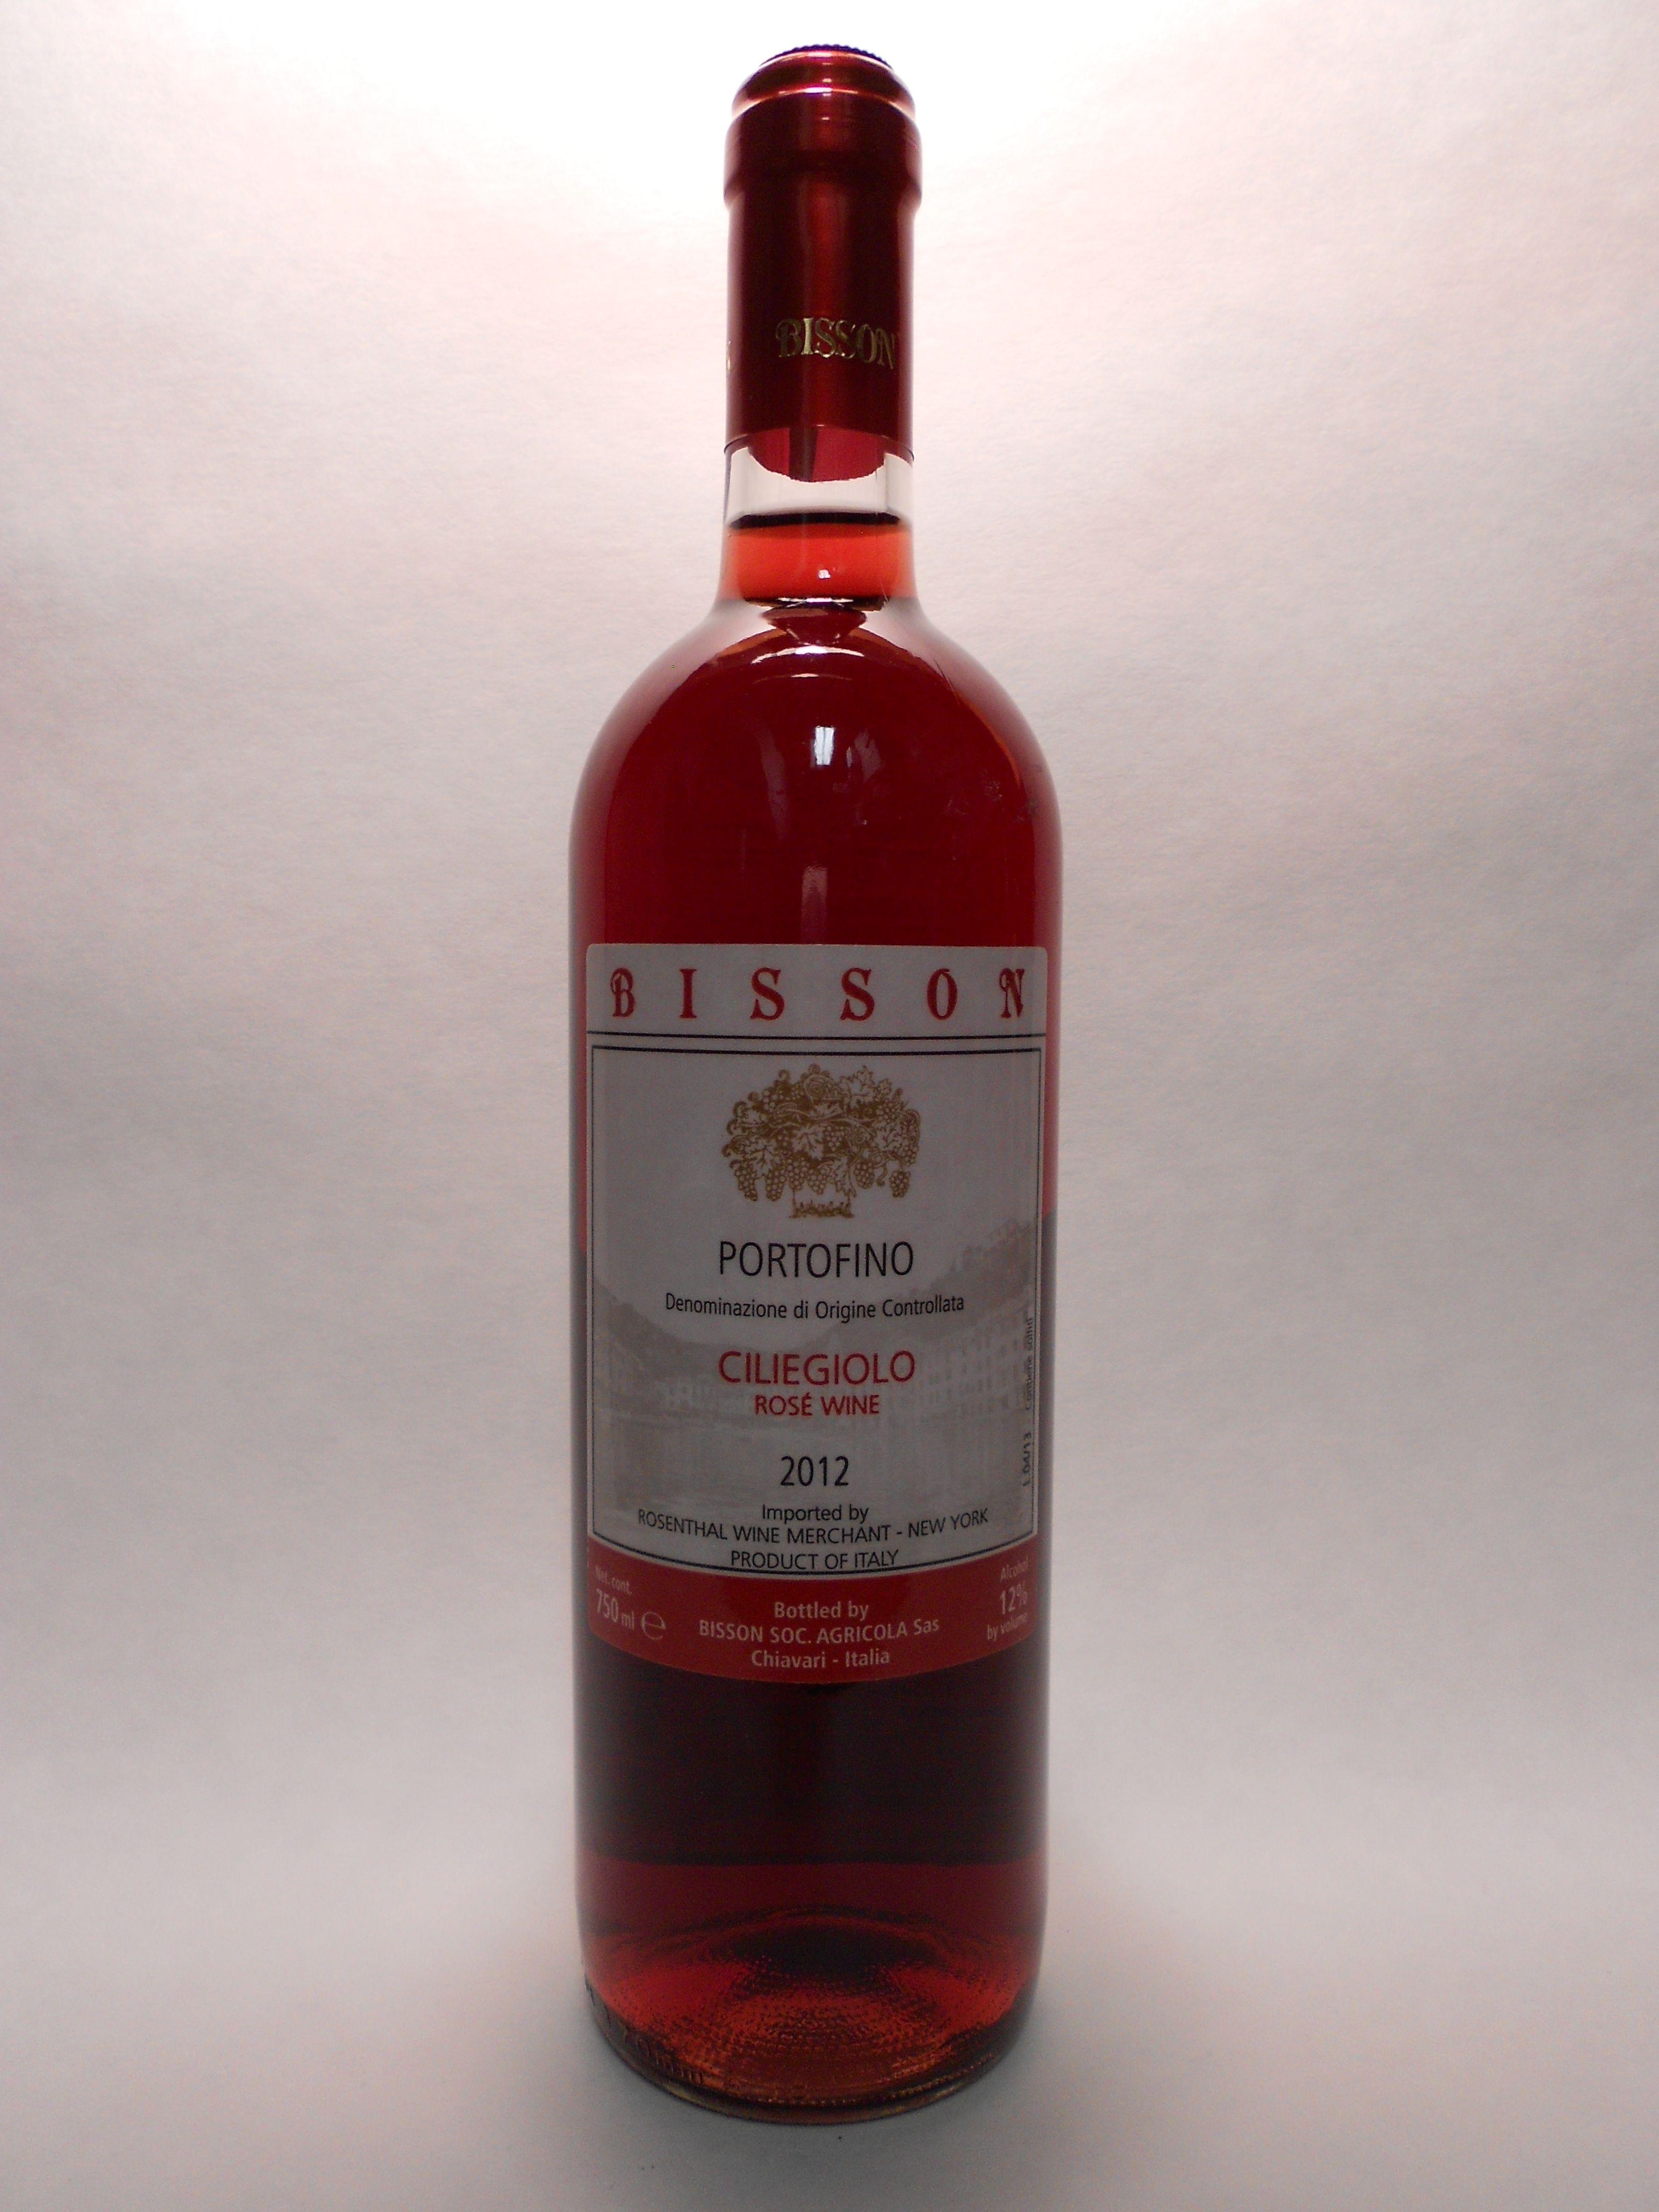 2012 Bisson Rosato Ciliegiolo Golfo Del Tigullio Sku 58914 Www Bassins Com Phone 202 338 1433 Wine Bottle Wine And Beer Rose Wine Bottle